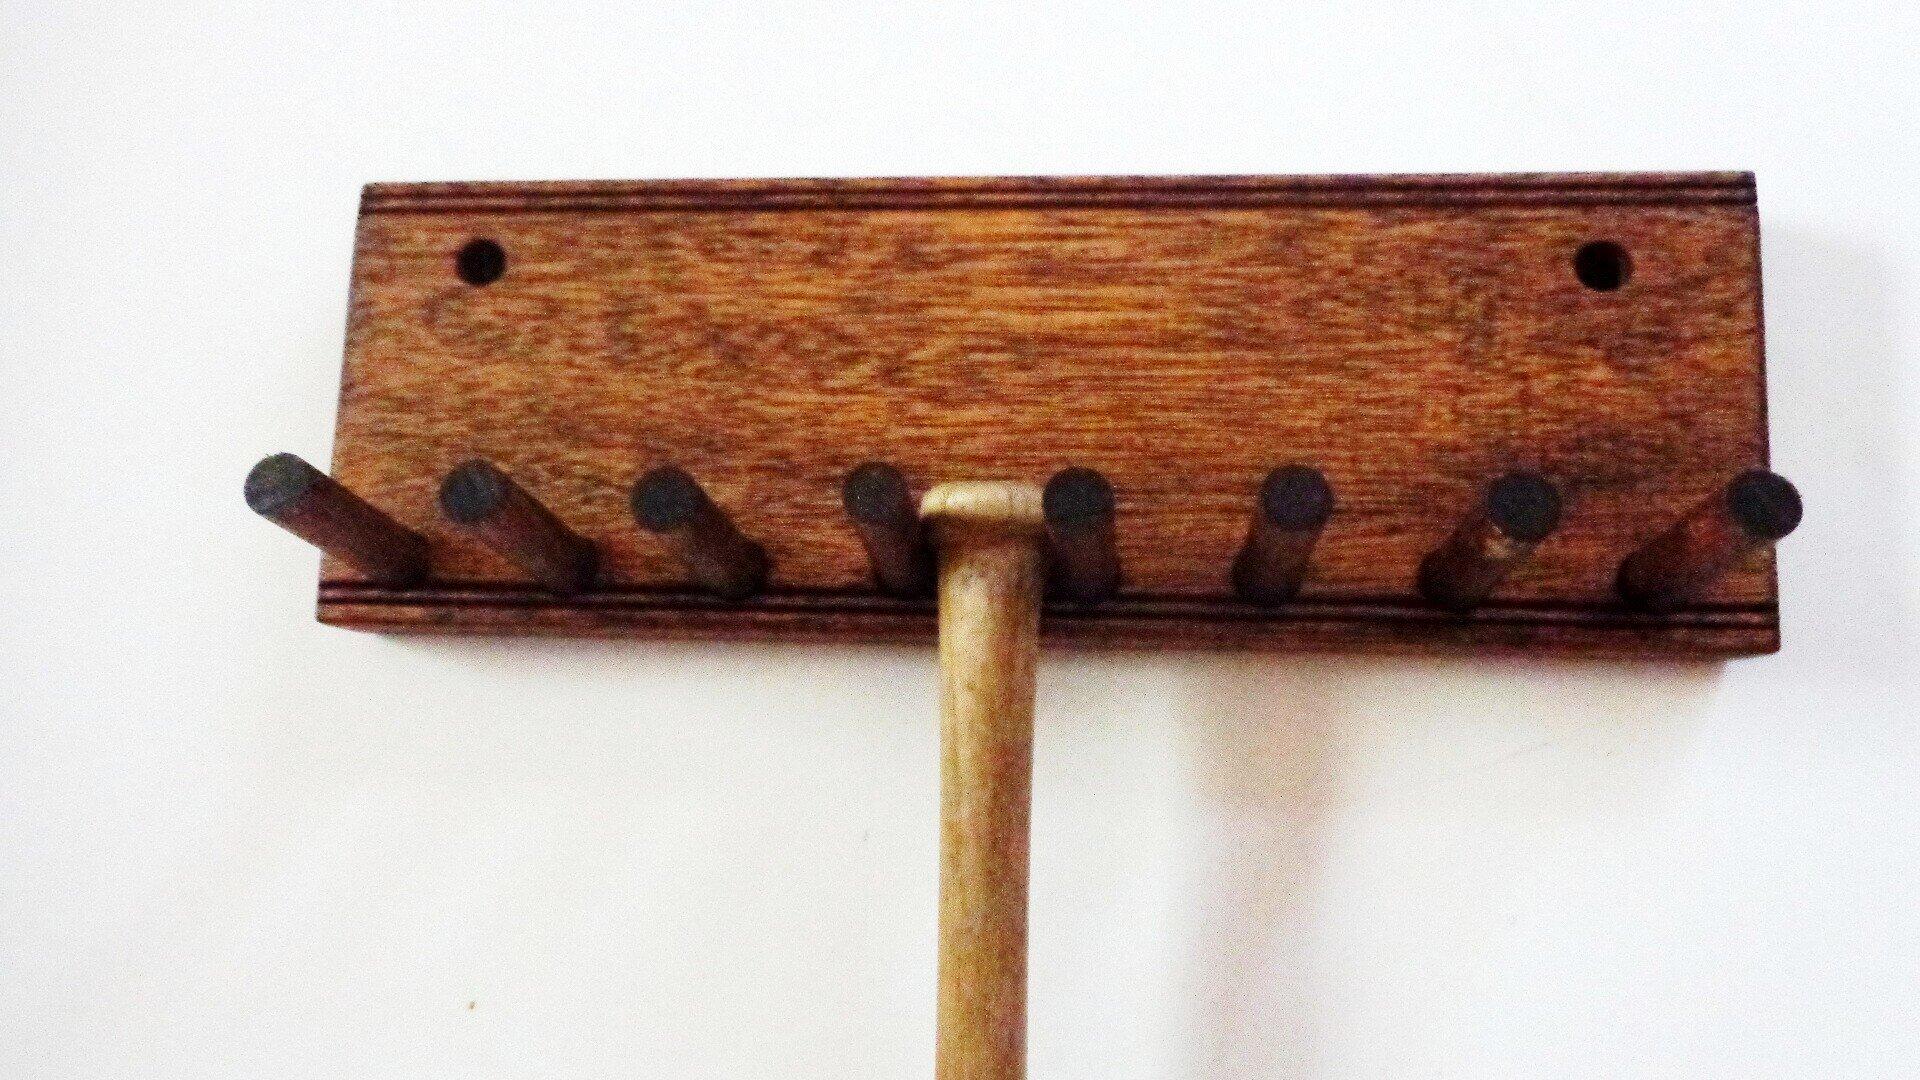 Wood Bat Rack Meant for Collectible Mini Baseball Bats Display Mahogany Finish 7 by Baseballrack